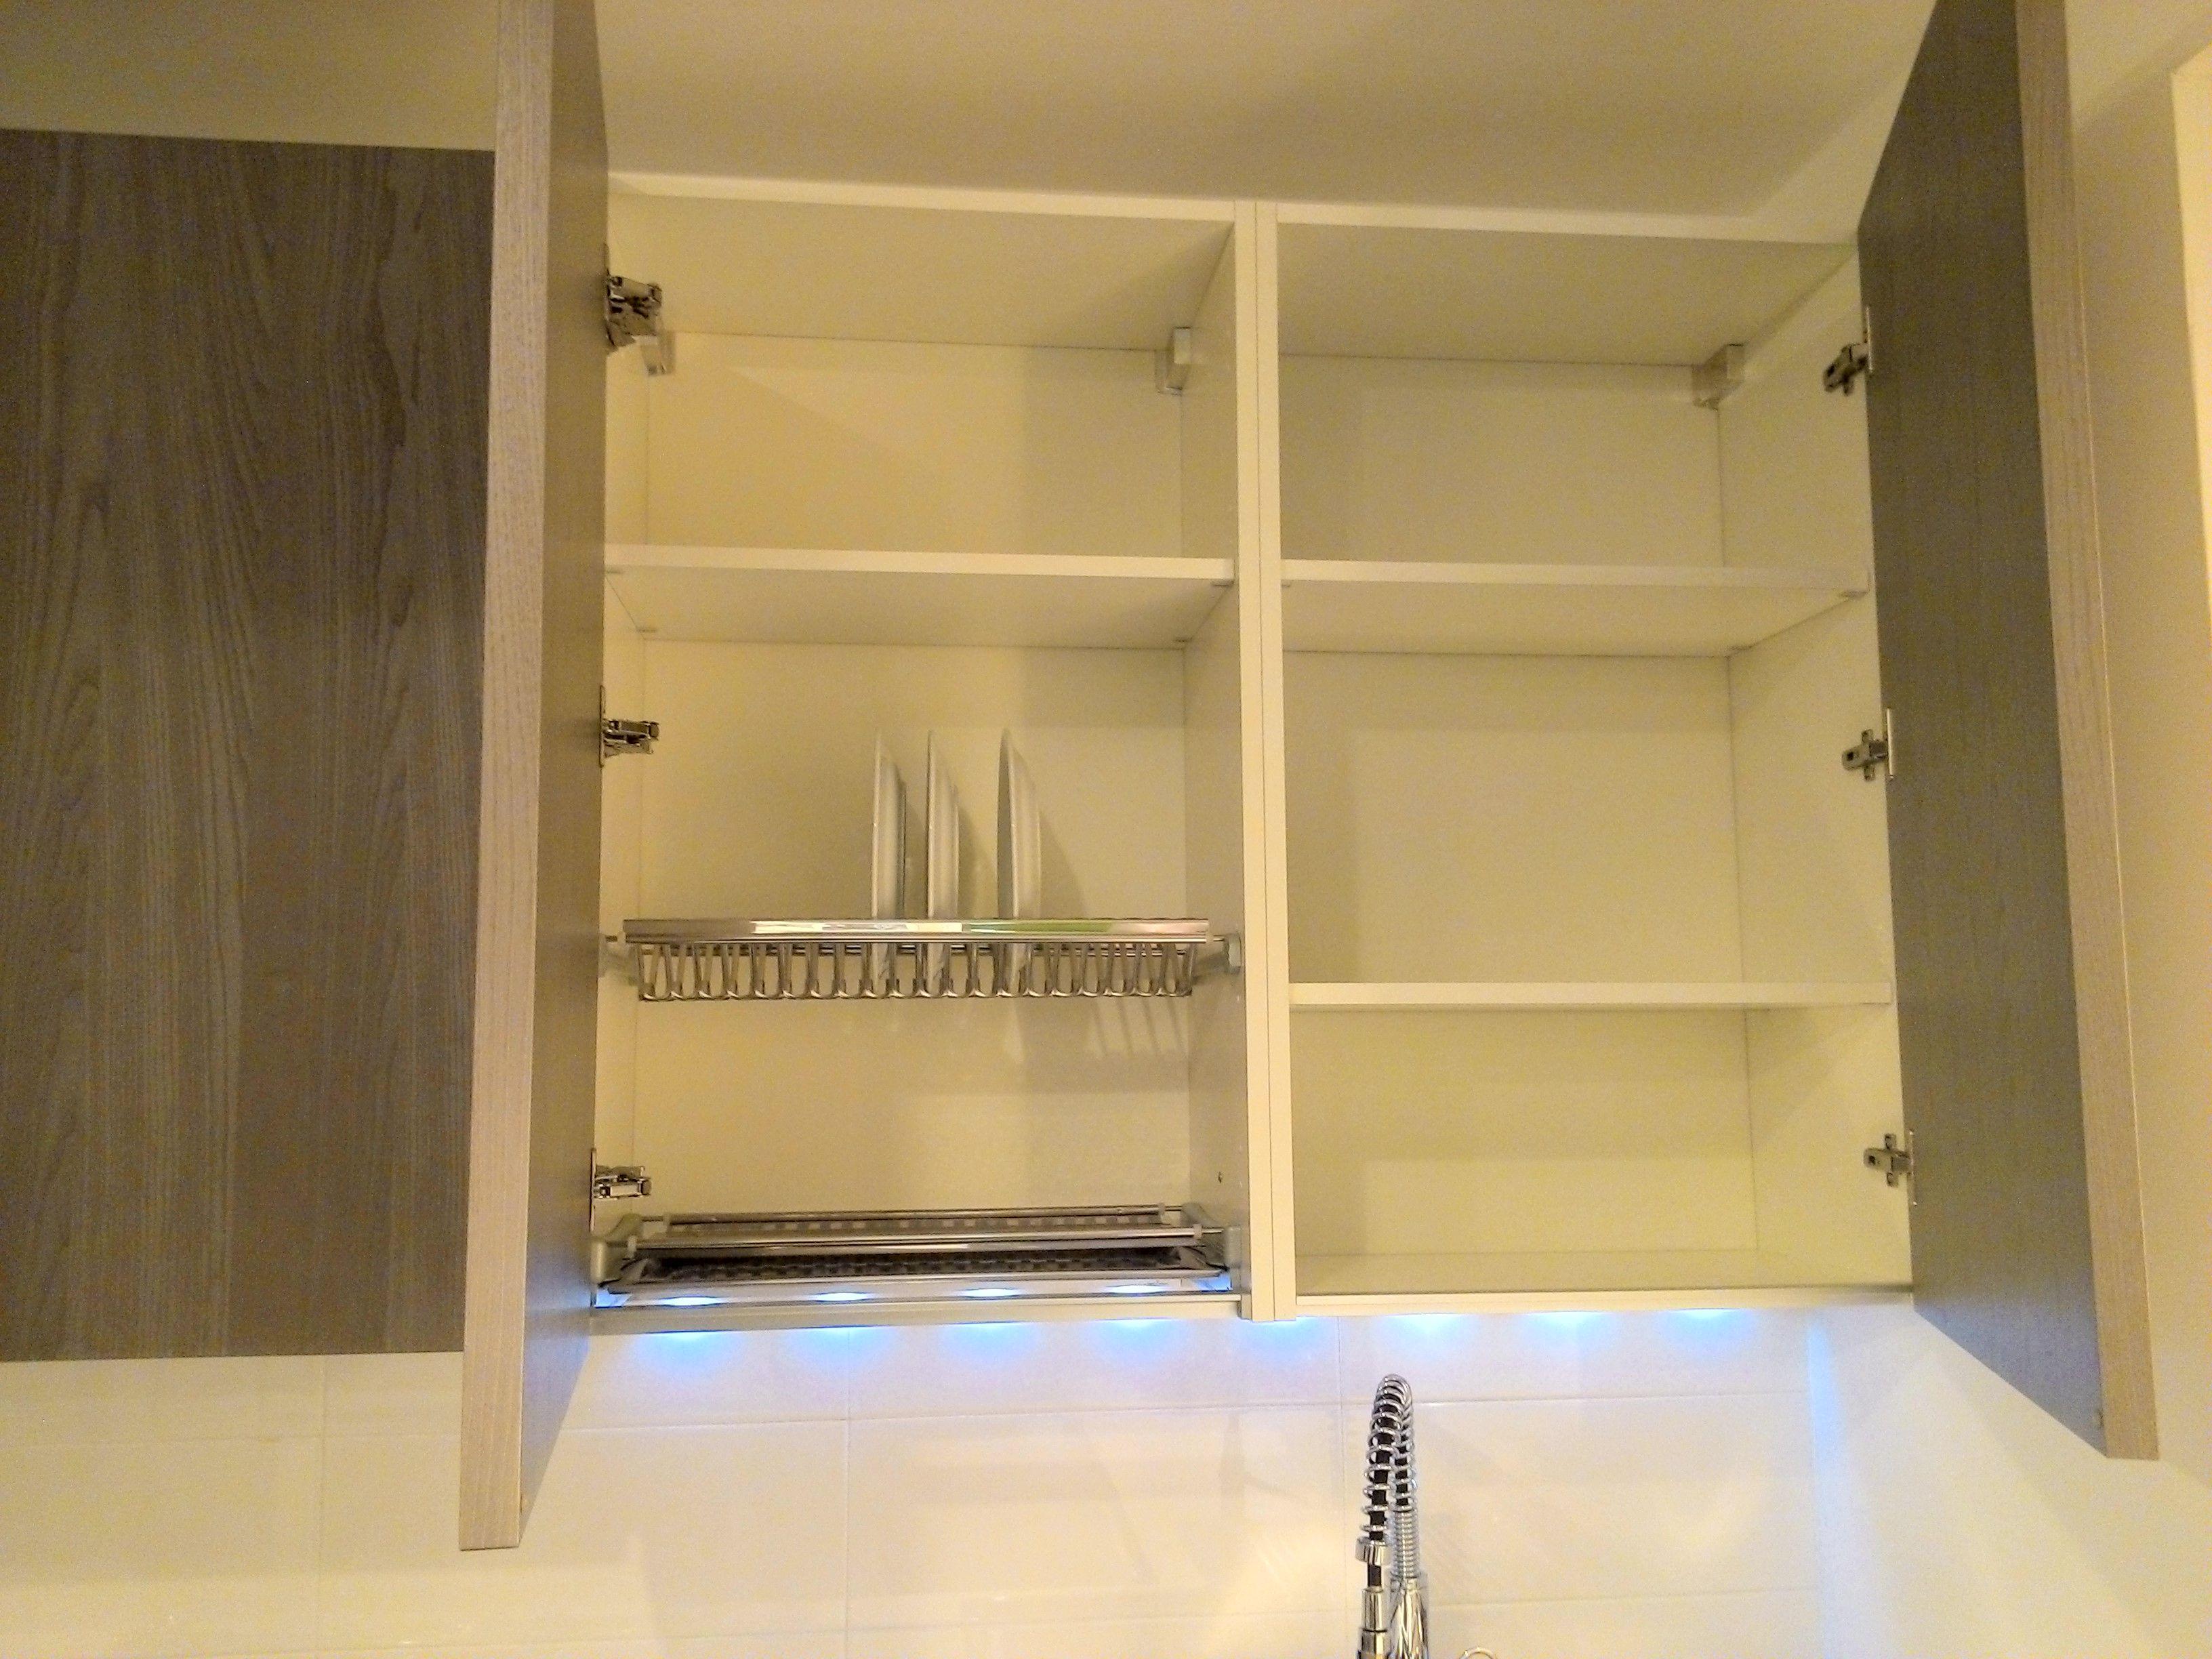 Outlet Elettrodomestici San Donato Milanese pin su cucina